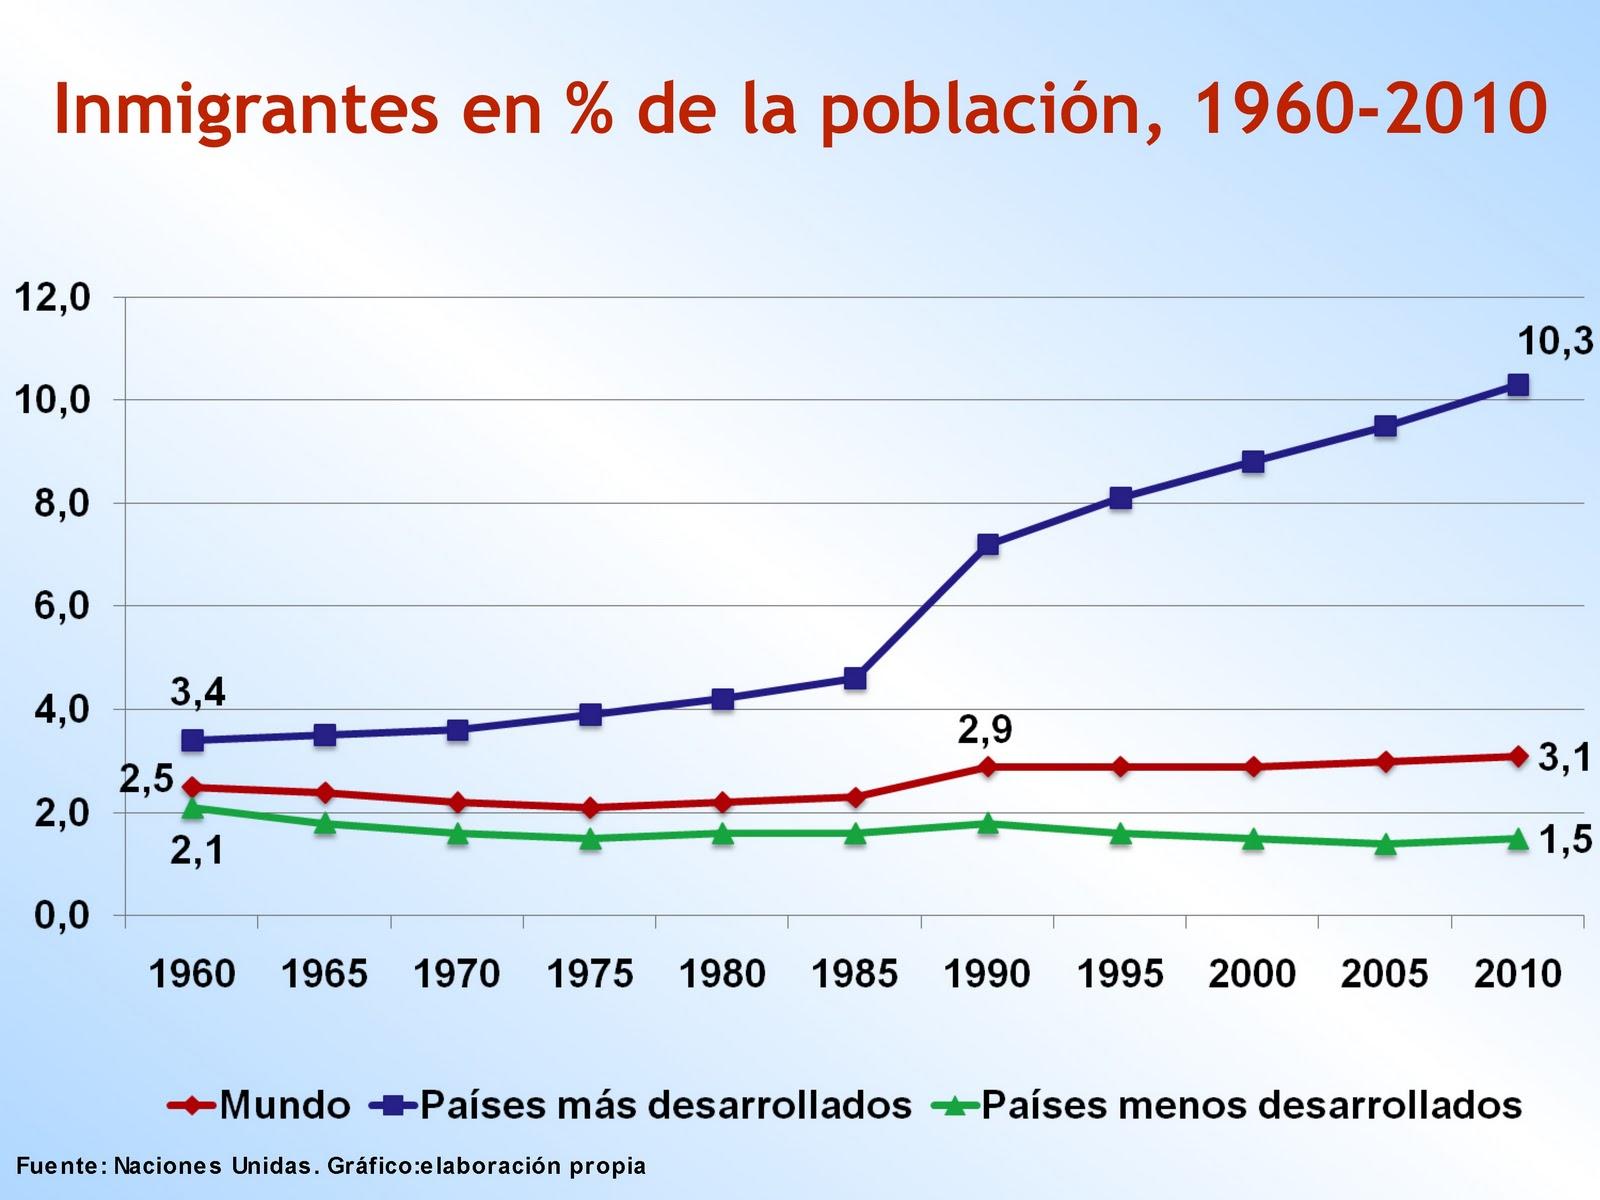 el pais con menos poblacion en el mundo: